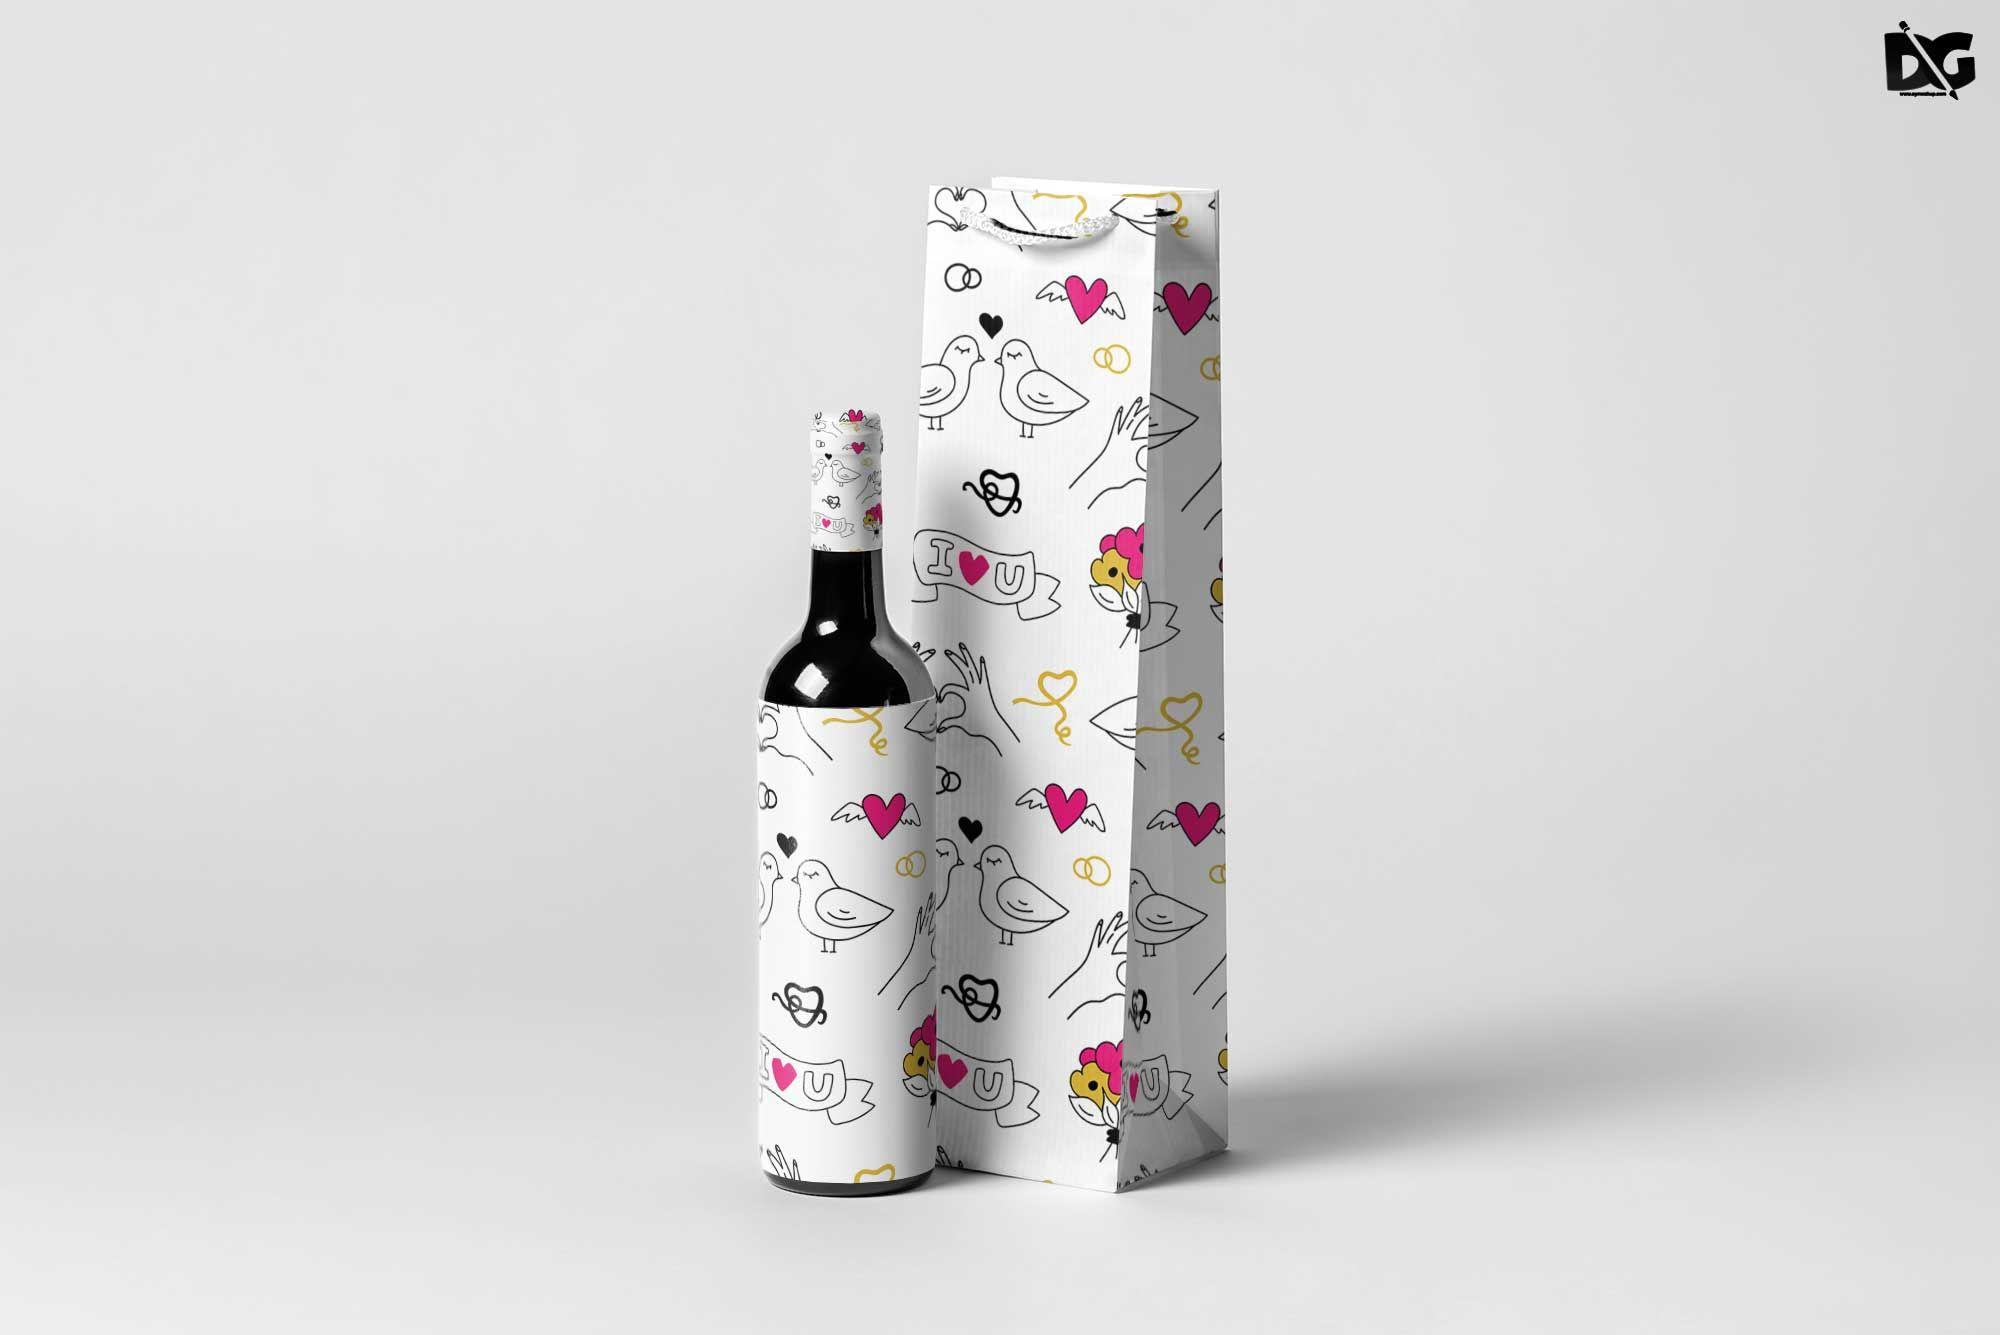 Download Free Bottle Wine Bag Mockup Bag Bottle Branding Design Download Download2018 Downloadpsd Free Freemockups Mock Ups Bag Mockup Wine Bag Wine Bottle